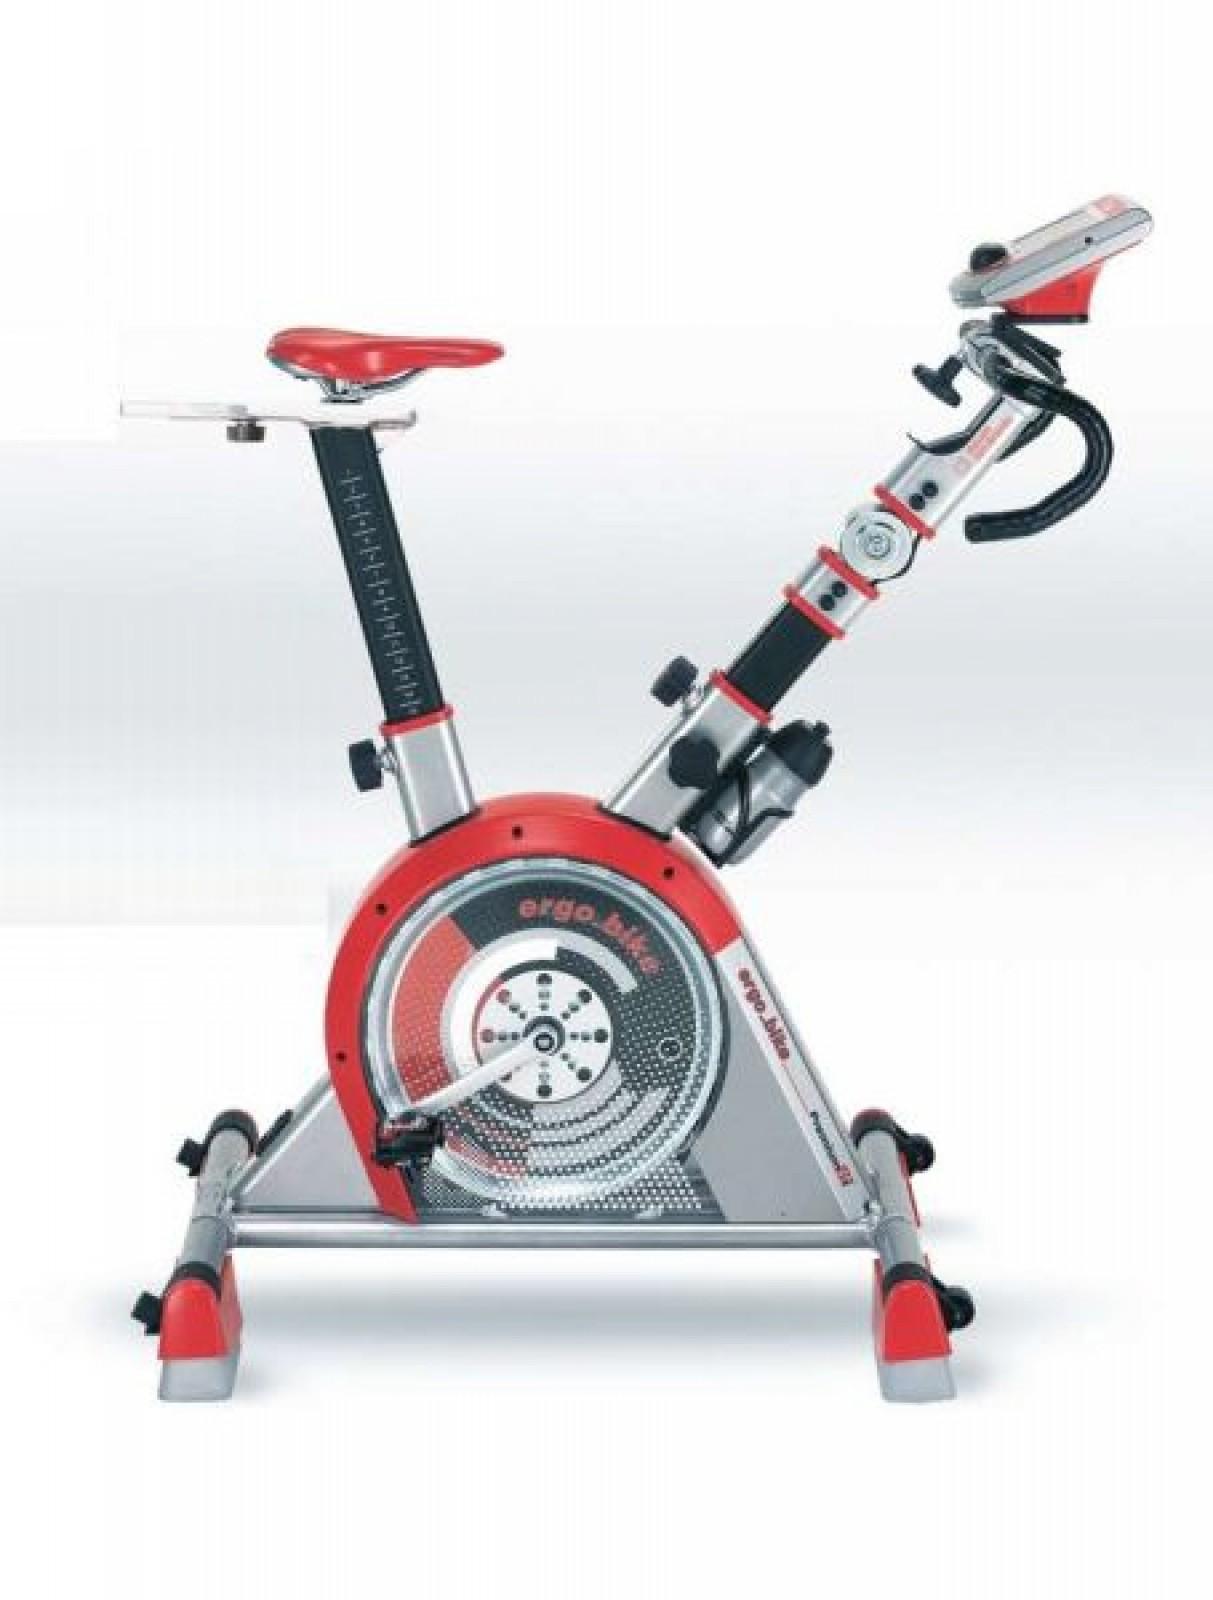 0640282e 0005 ergo bike premium8i FH11 - daum electronic